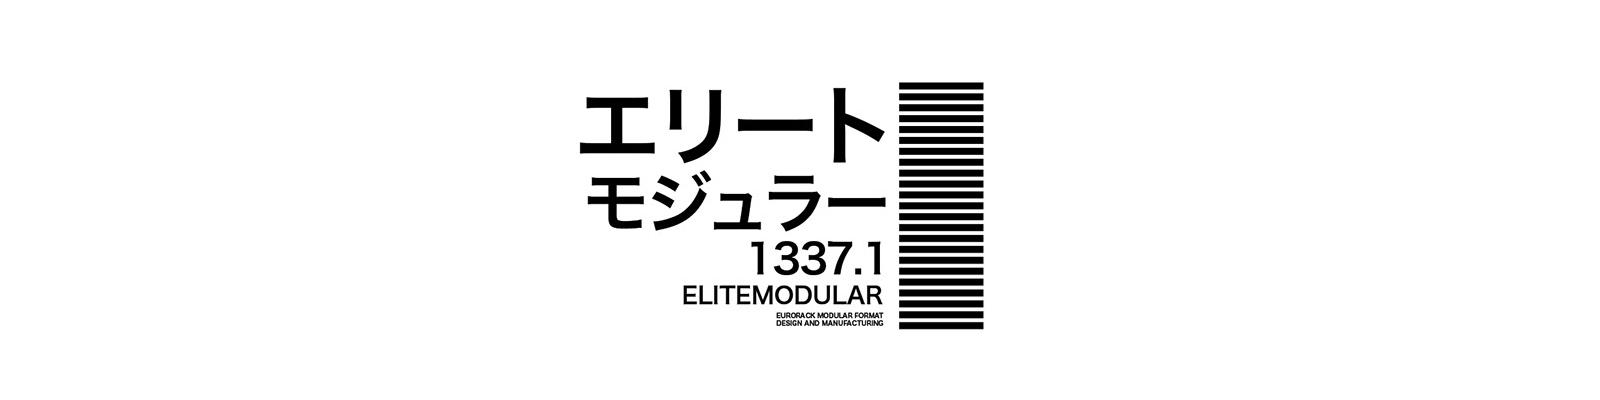 20171115-52382b.jpg